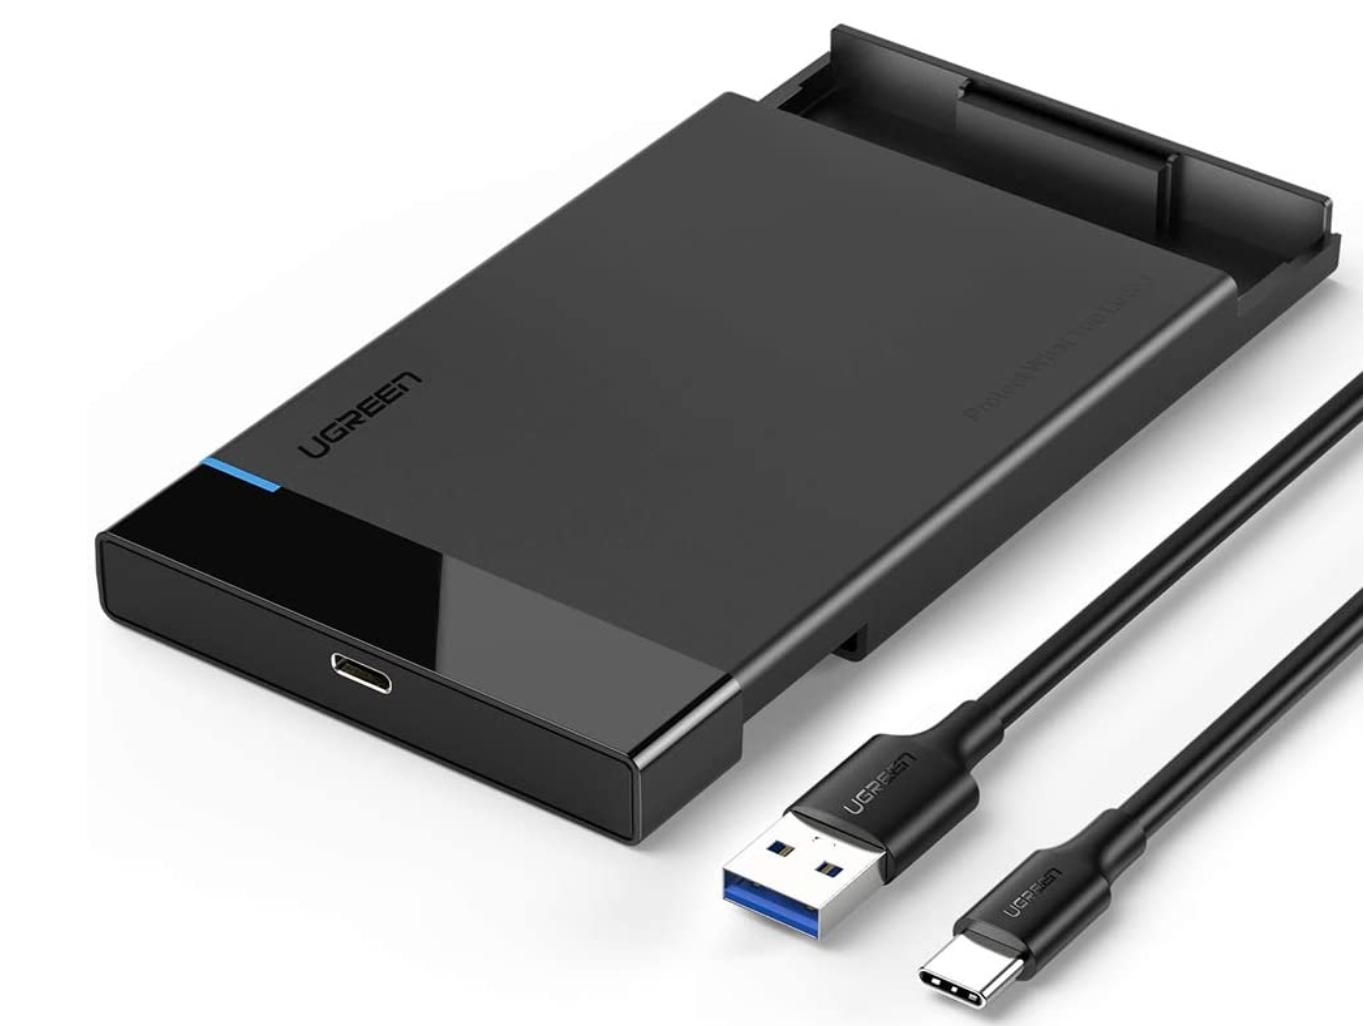 """[Amazon Prime] UGREEN Festplattengehäuse mit USB-C ( 2,5""""Externes Gehäuse bis 9.5mm Höhe, schnelle Übertragung durch USB-C 3.1 )"""